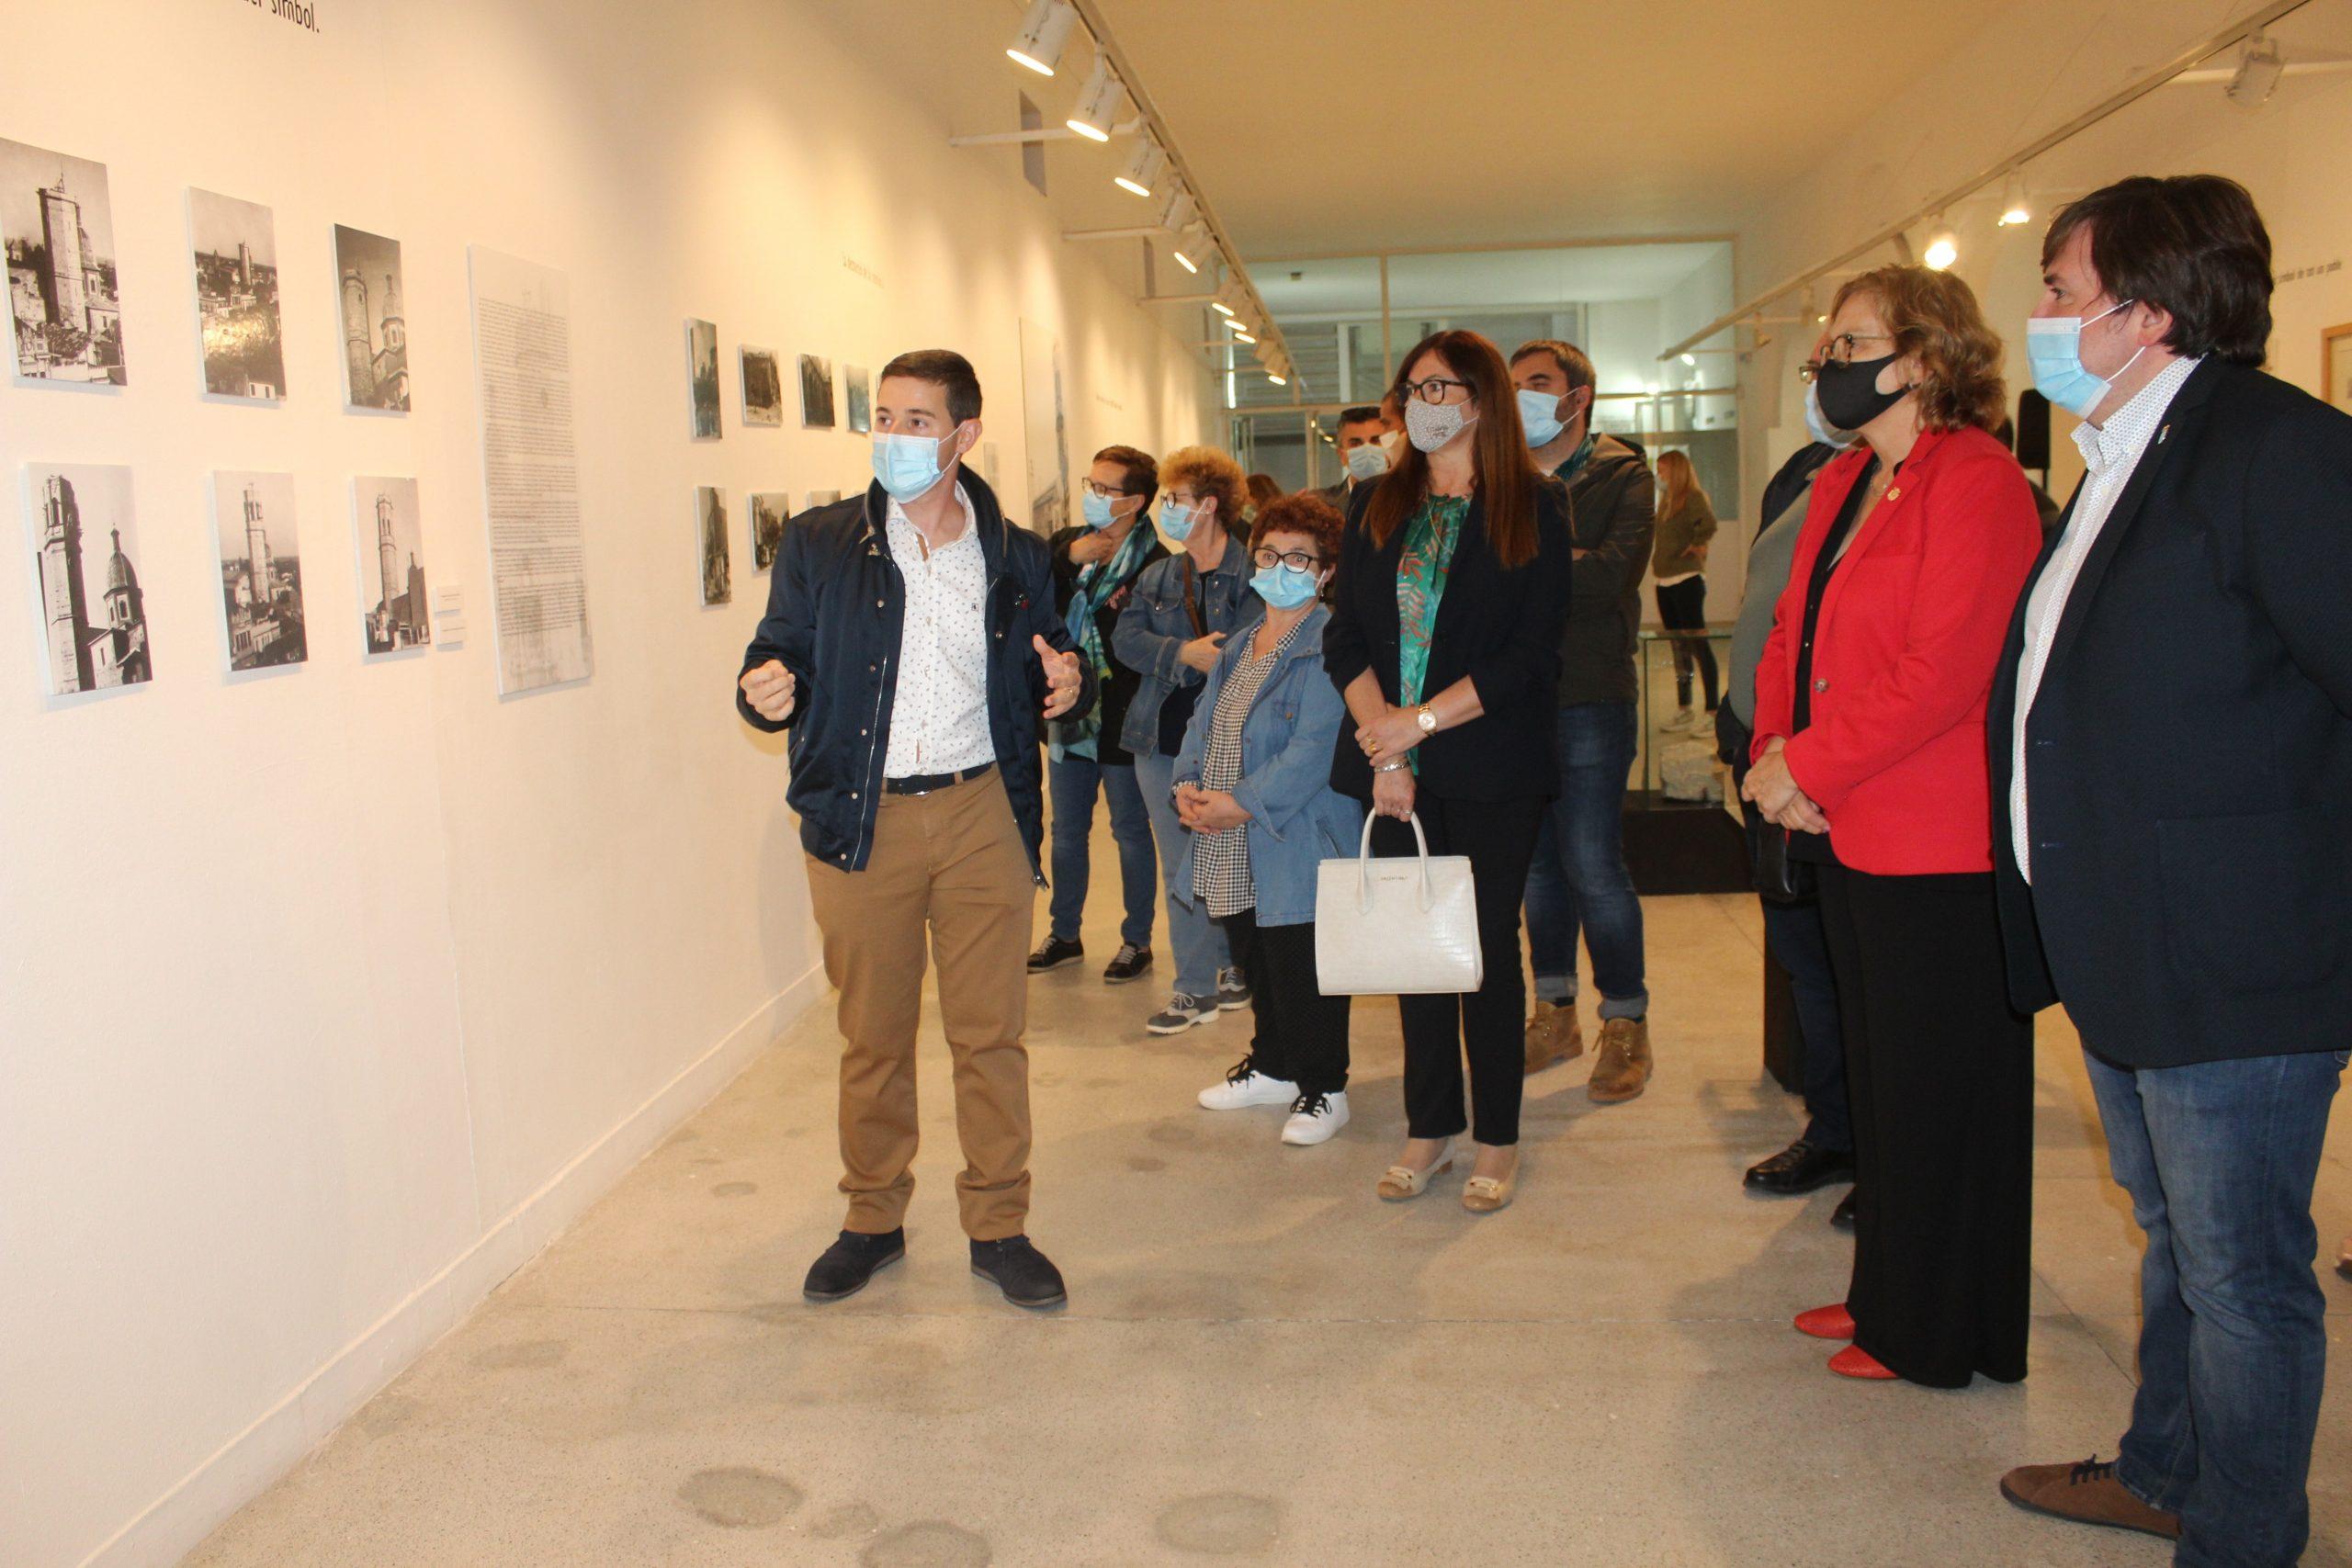 Burriana prorroga hasta el 5 de enero la exposición 'El campanar: memòria d'una reconstrucció 1942-1945'